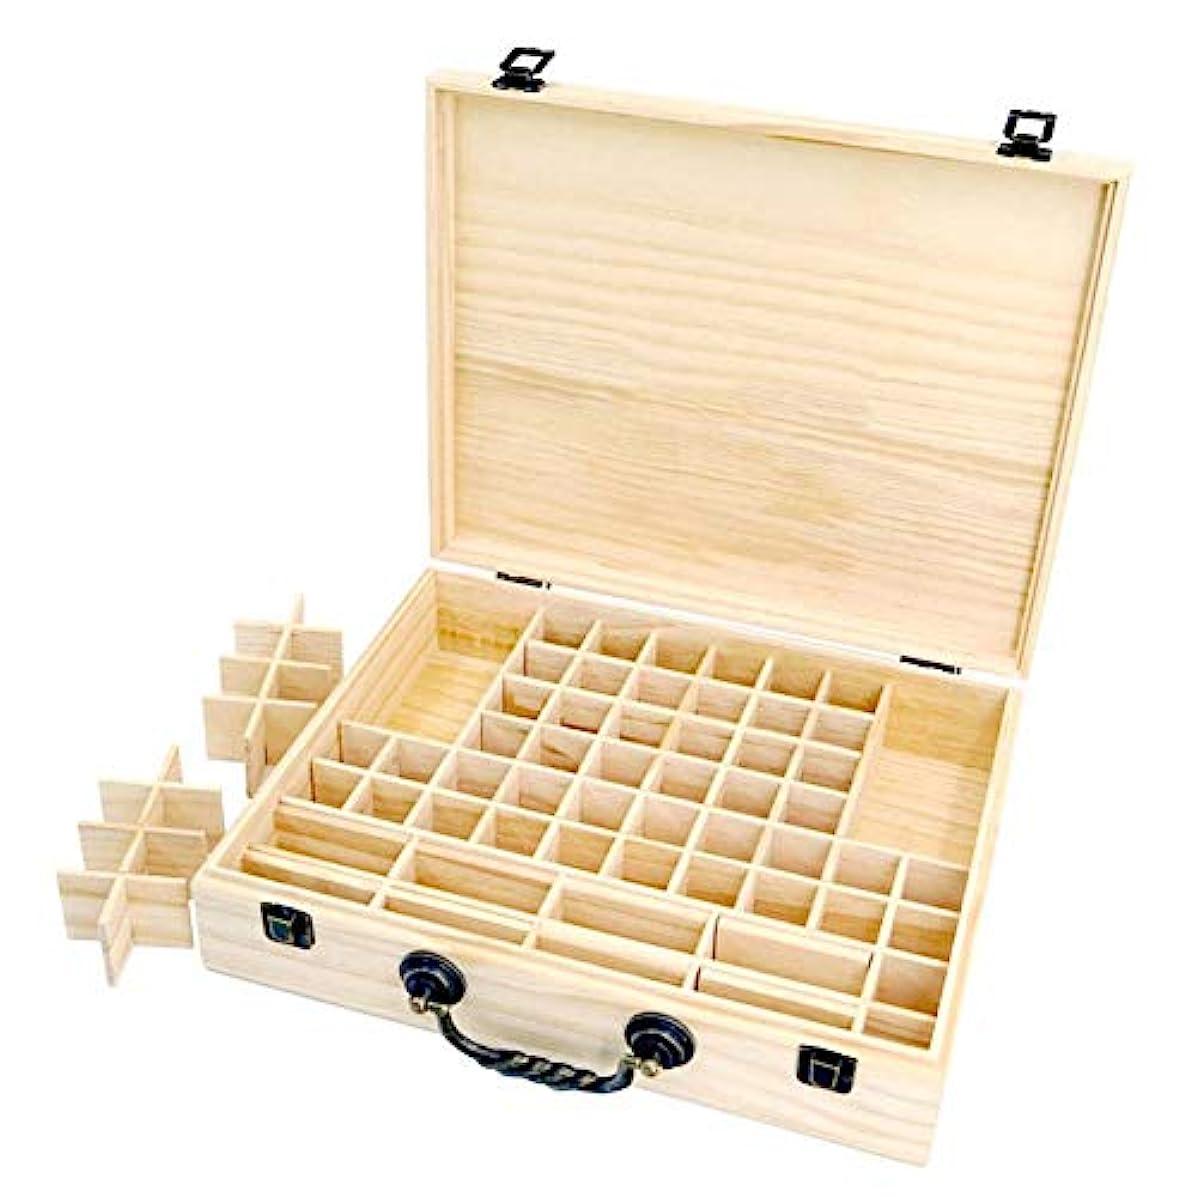 メモ無能絶滅エッセンシャルオイル収納ボックス 純木の精油の収納箱 香水収納ケース アロマオイル収納ボックス 70本用